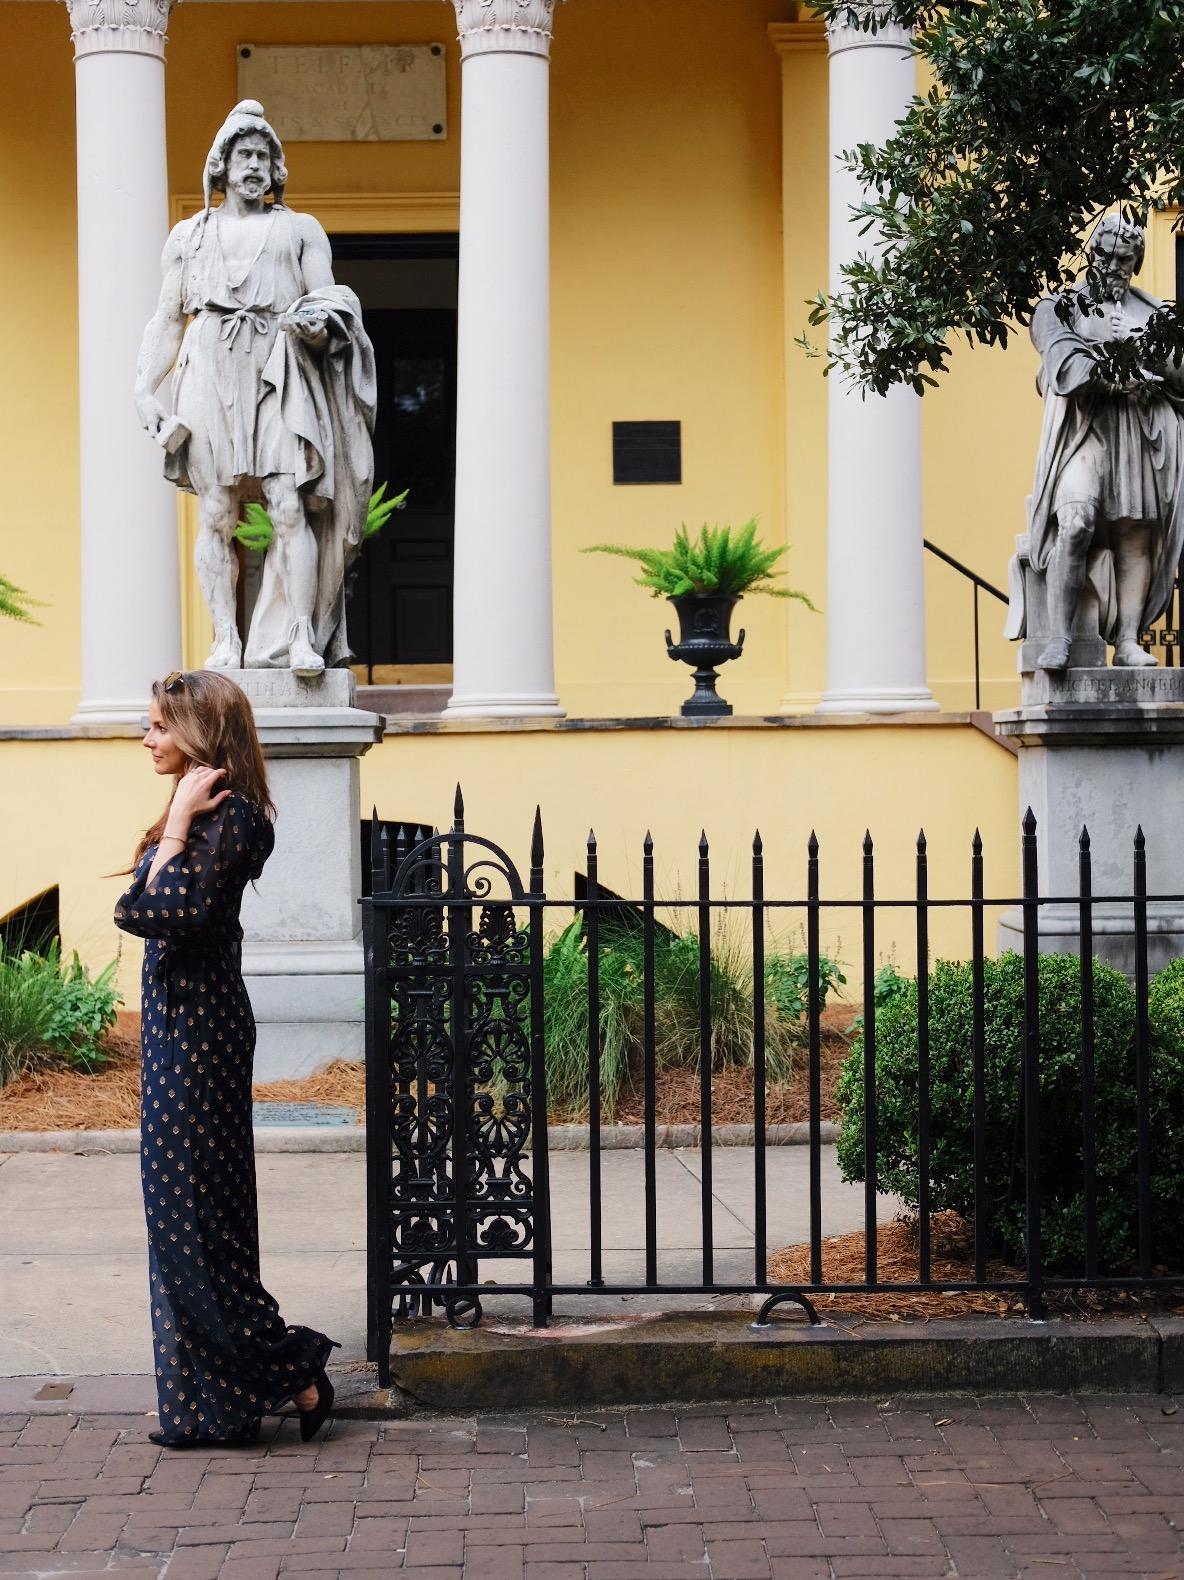 Brenna Michaels and the Telfair Museum in Savannah, Georgia